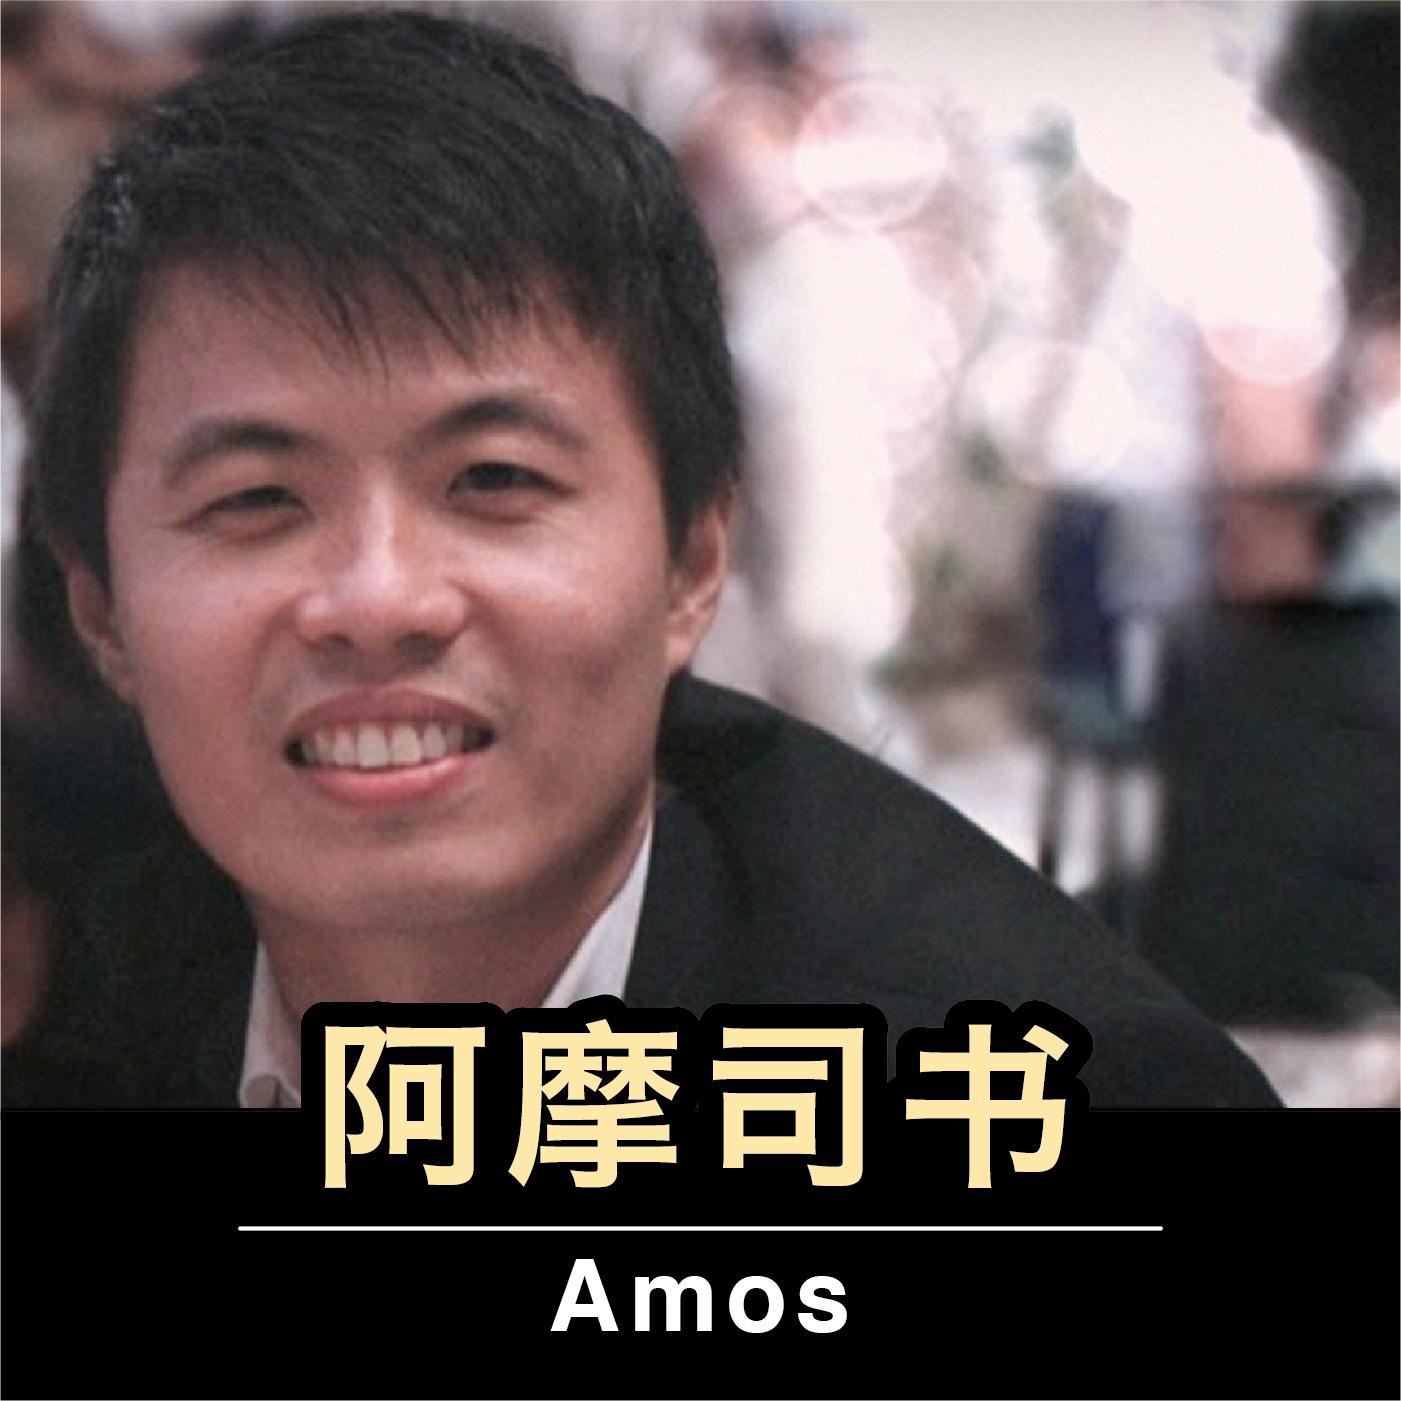 圣经--30阿摩司书总览 (朱志山牧师)[新加坡基督生命堂] 门徒培训讲道